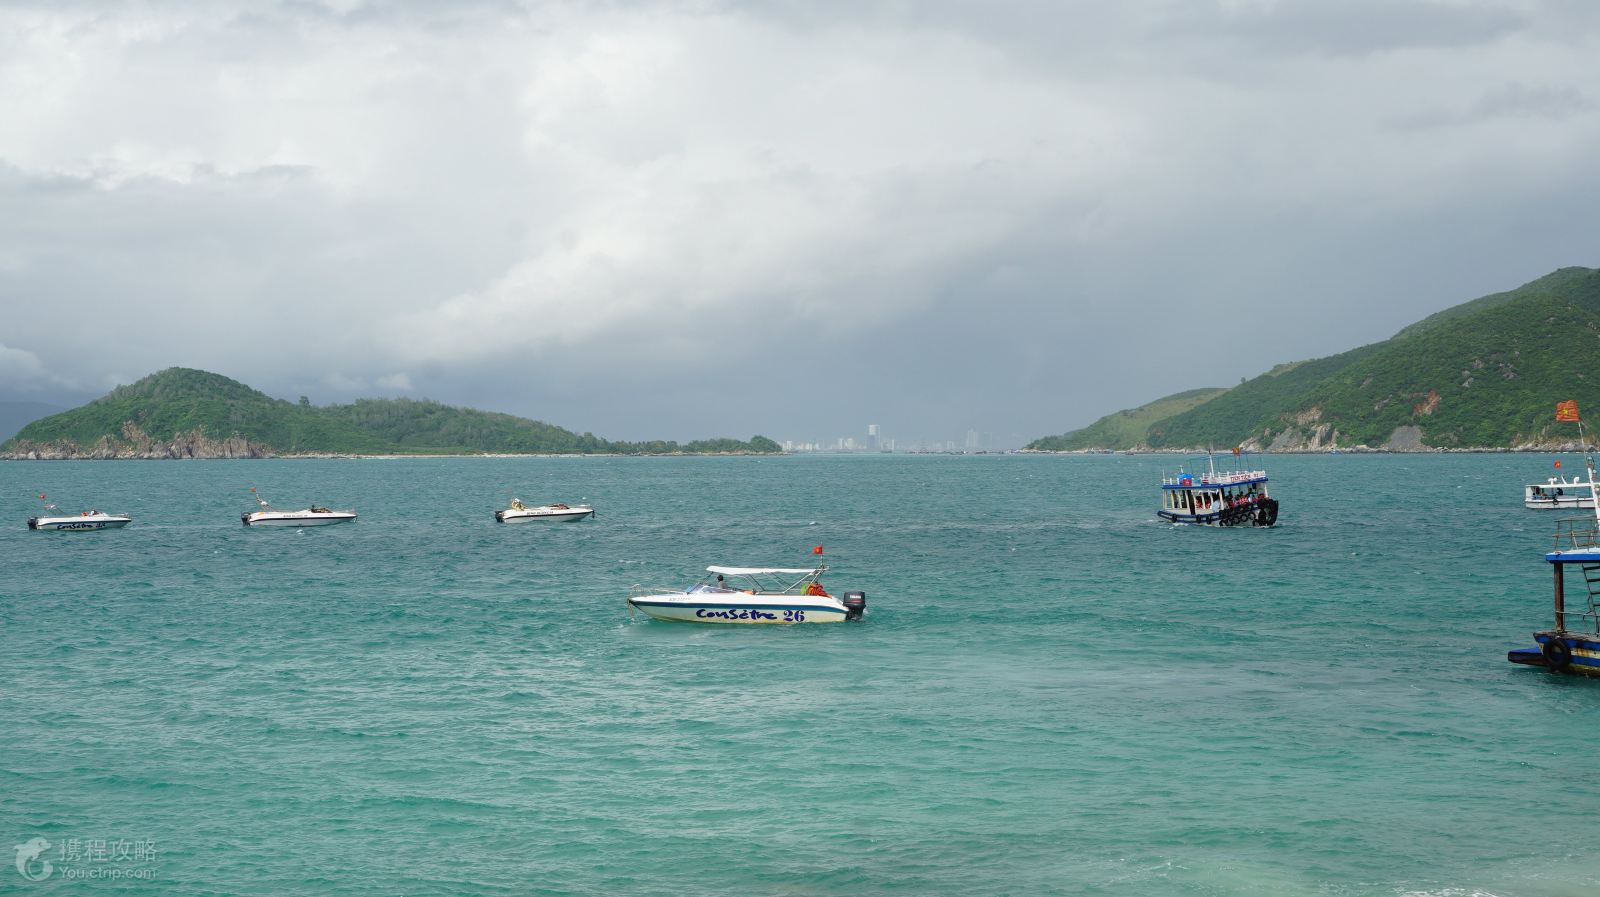 也被称为珊瑚岛或黑岛,是芽庄的著名观光岛屿之一,木岛一带的海域